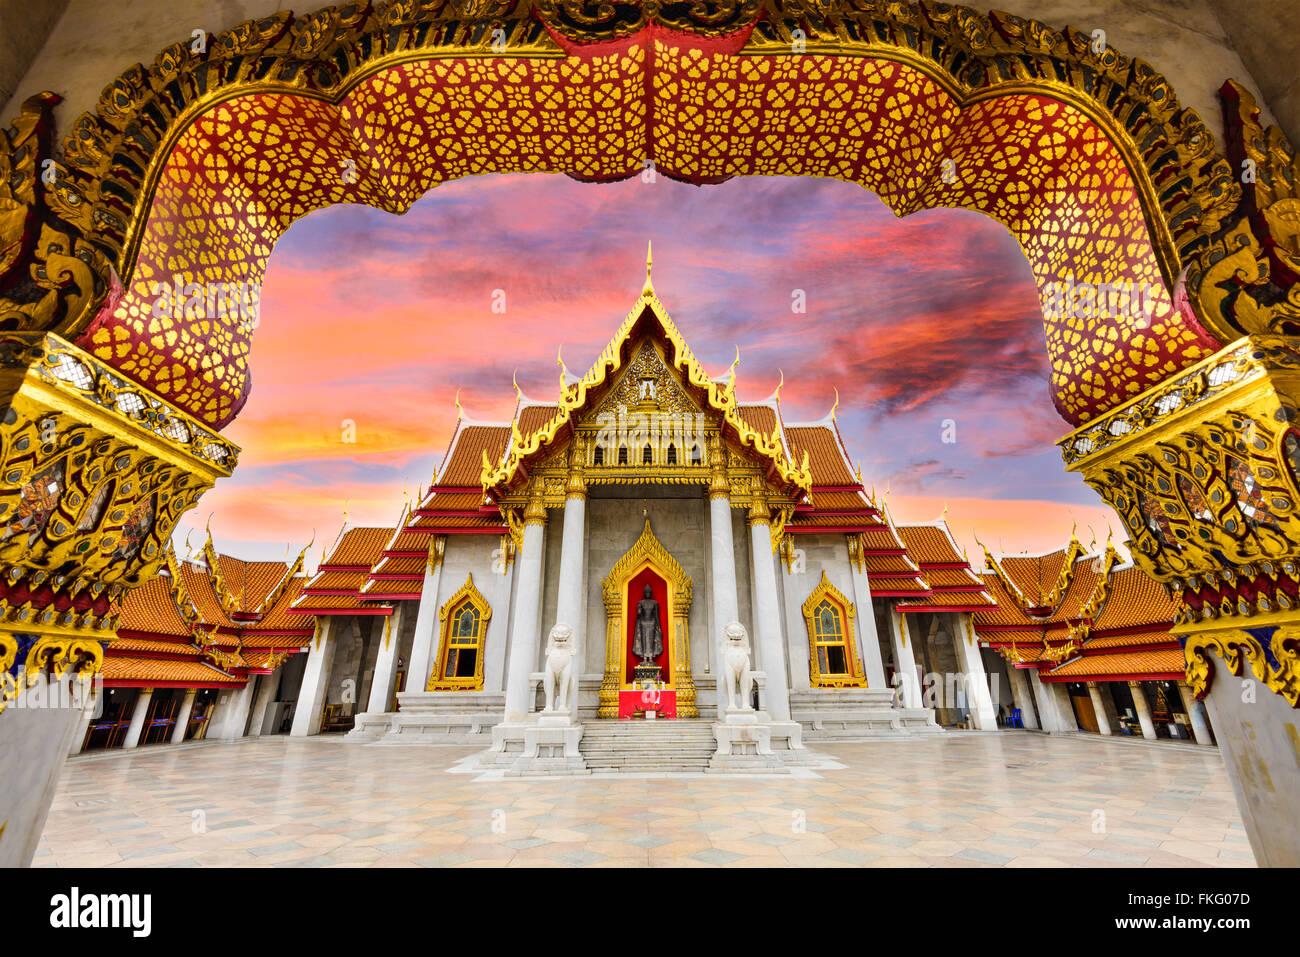 Tempio in marmo di Bangkok, Tailandia. Immagini Stock